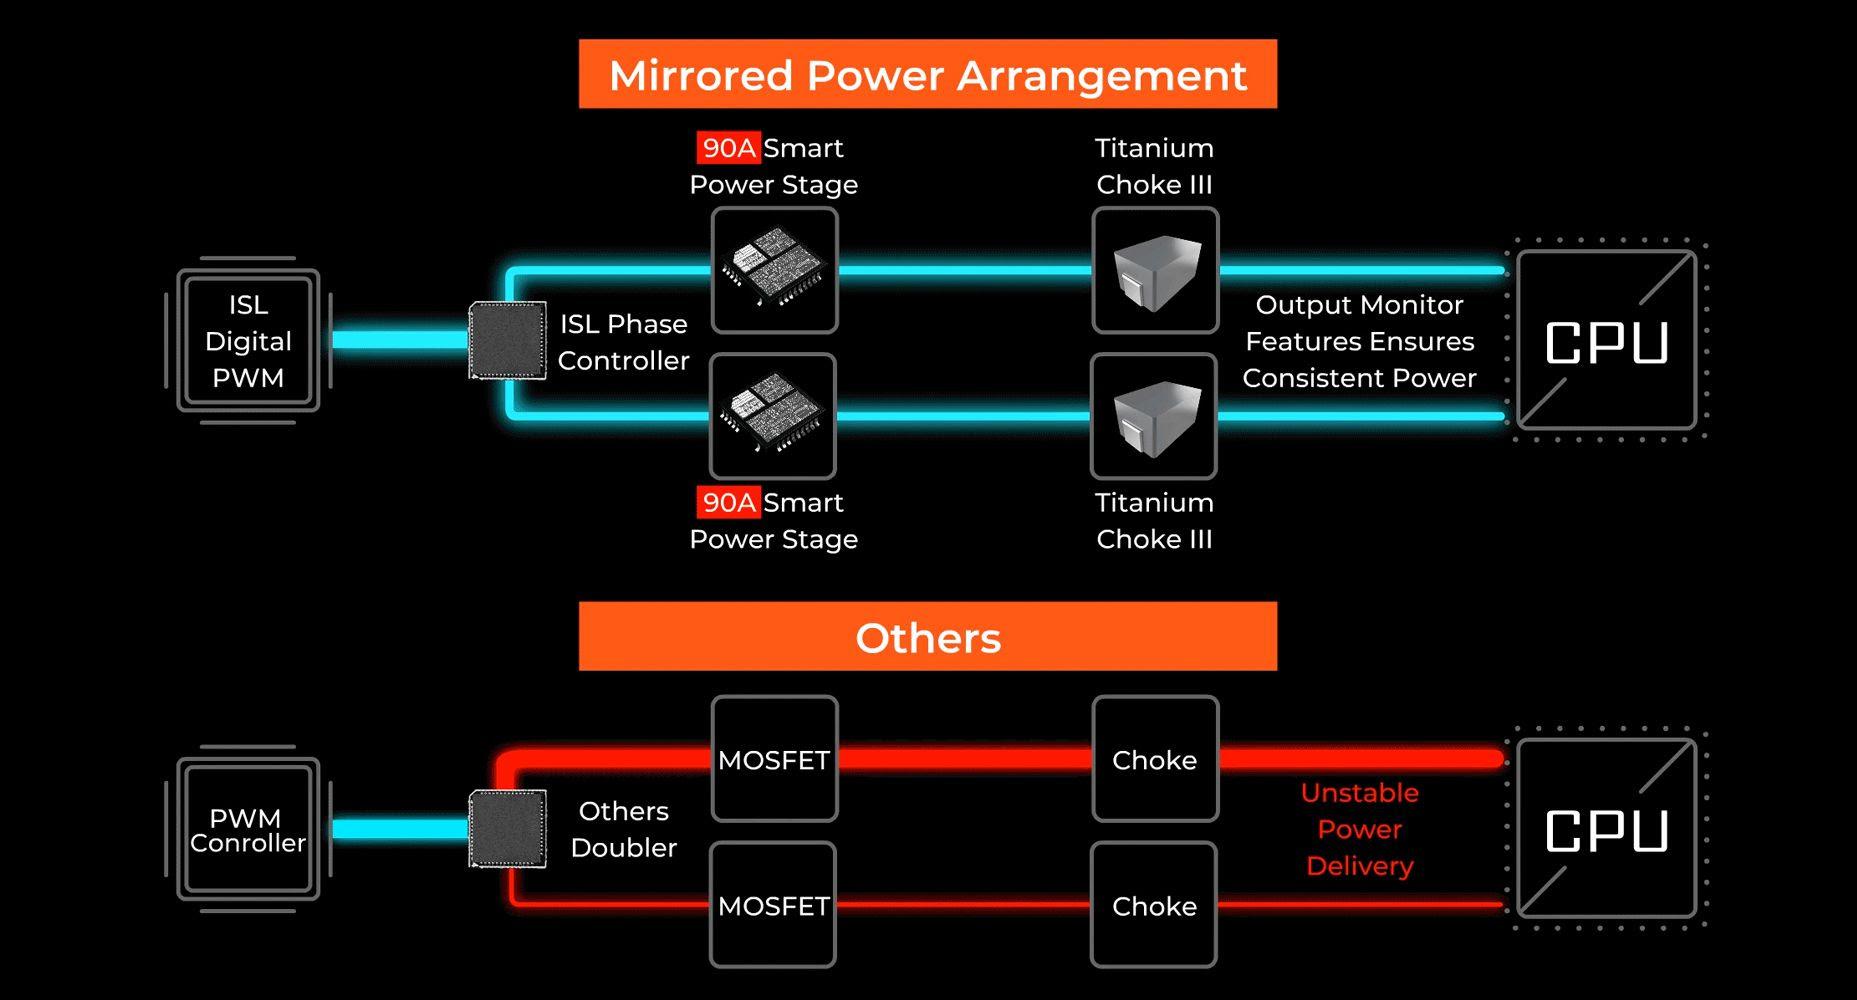 msi-meg-z590-mirrored_power.jpg